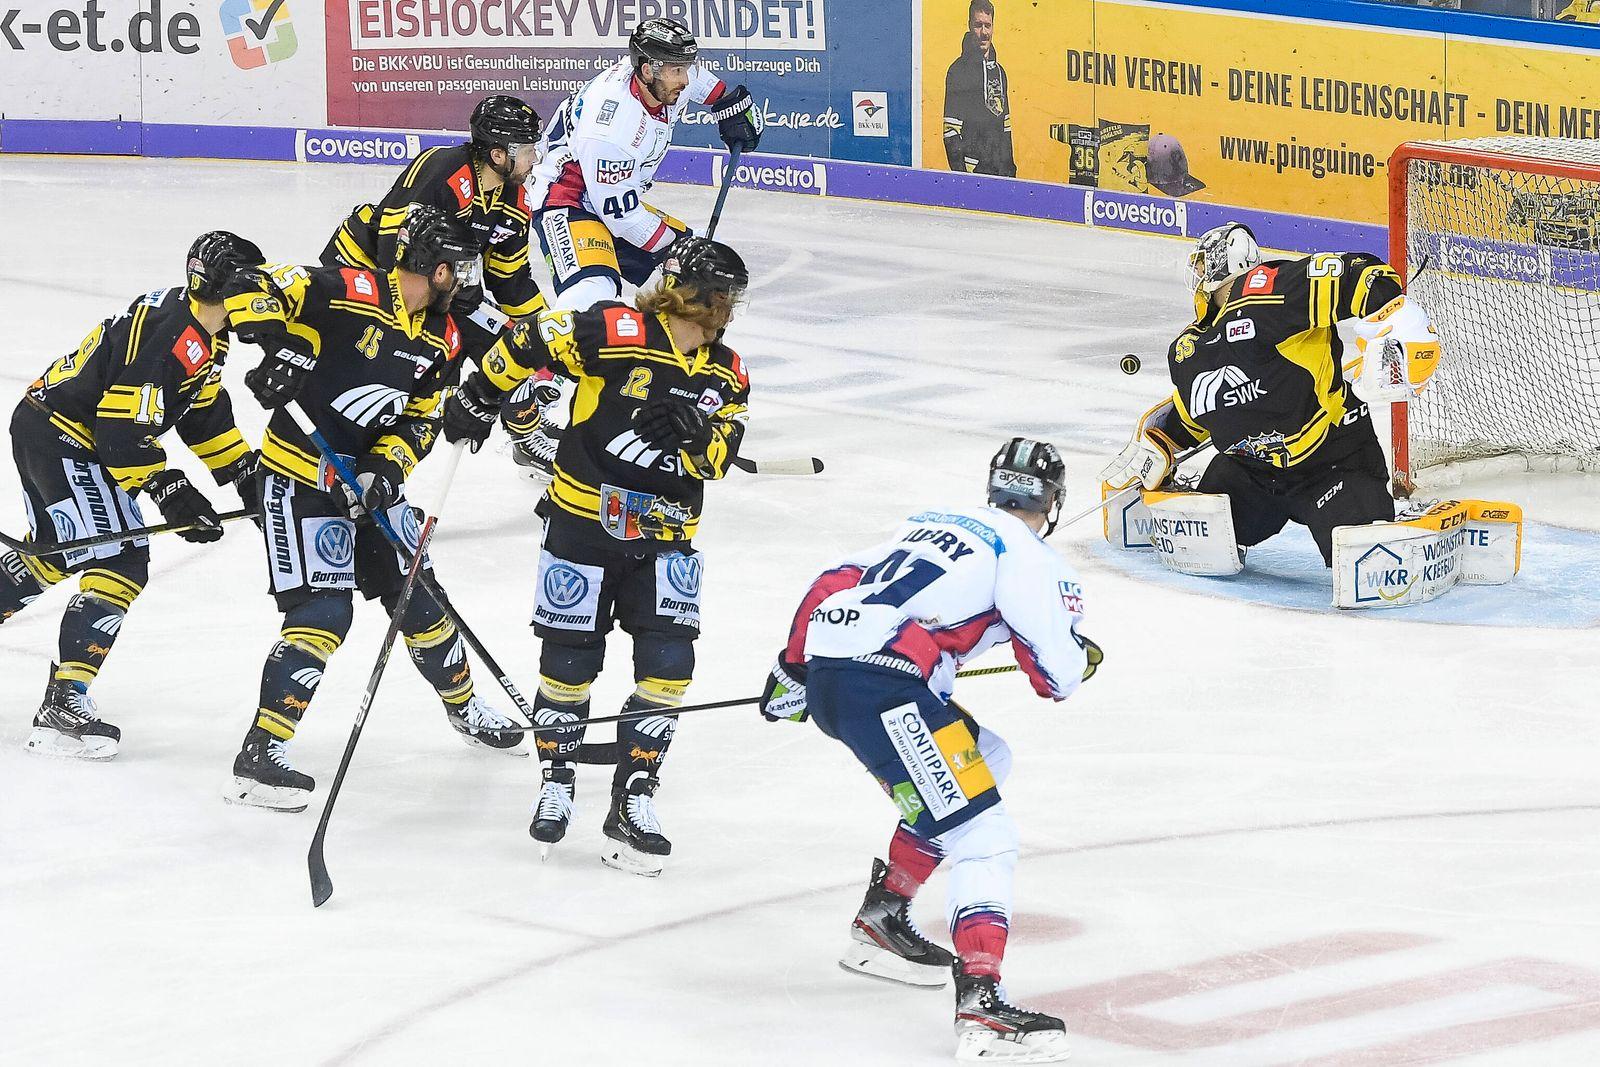 Eishockey DEL 44. Spieltag: Krefeld Pinguine vs Eisbären Berlin am 14.02.2020 in der Yayla-Arena in Krefeld Save von Kr